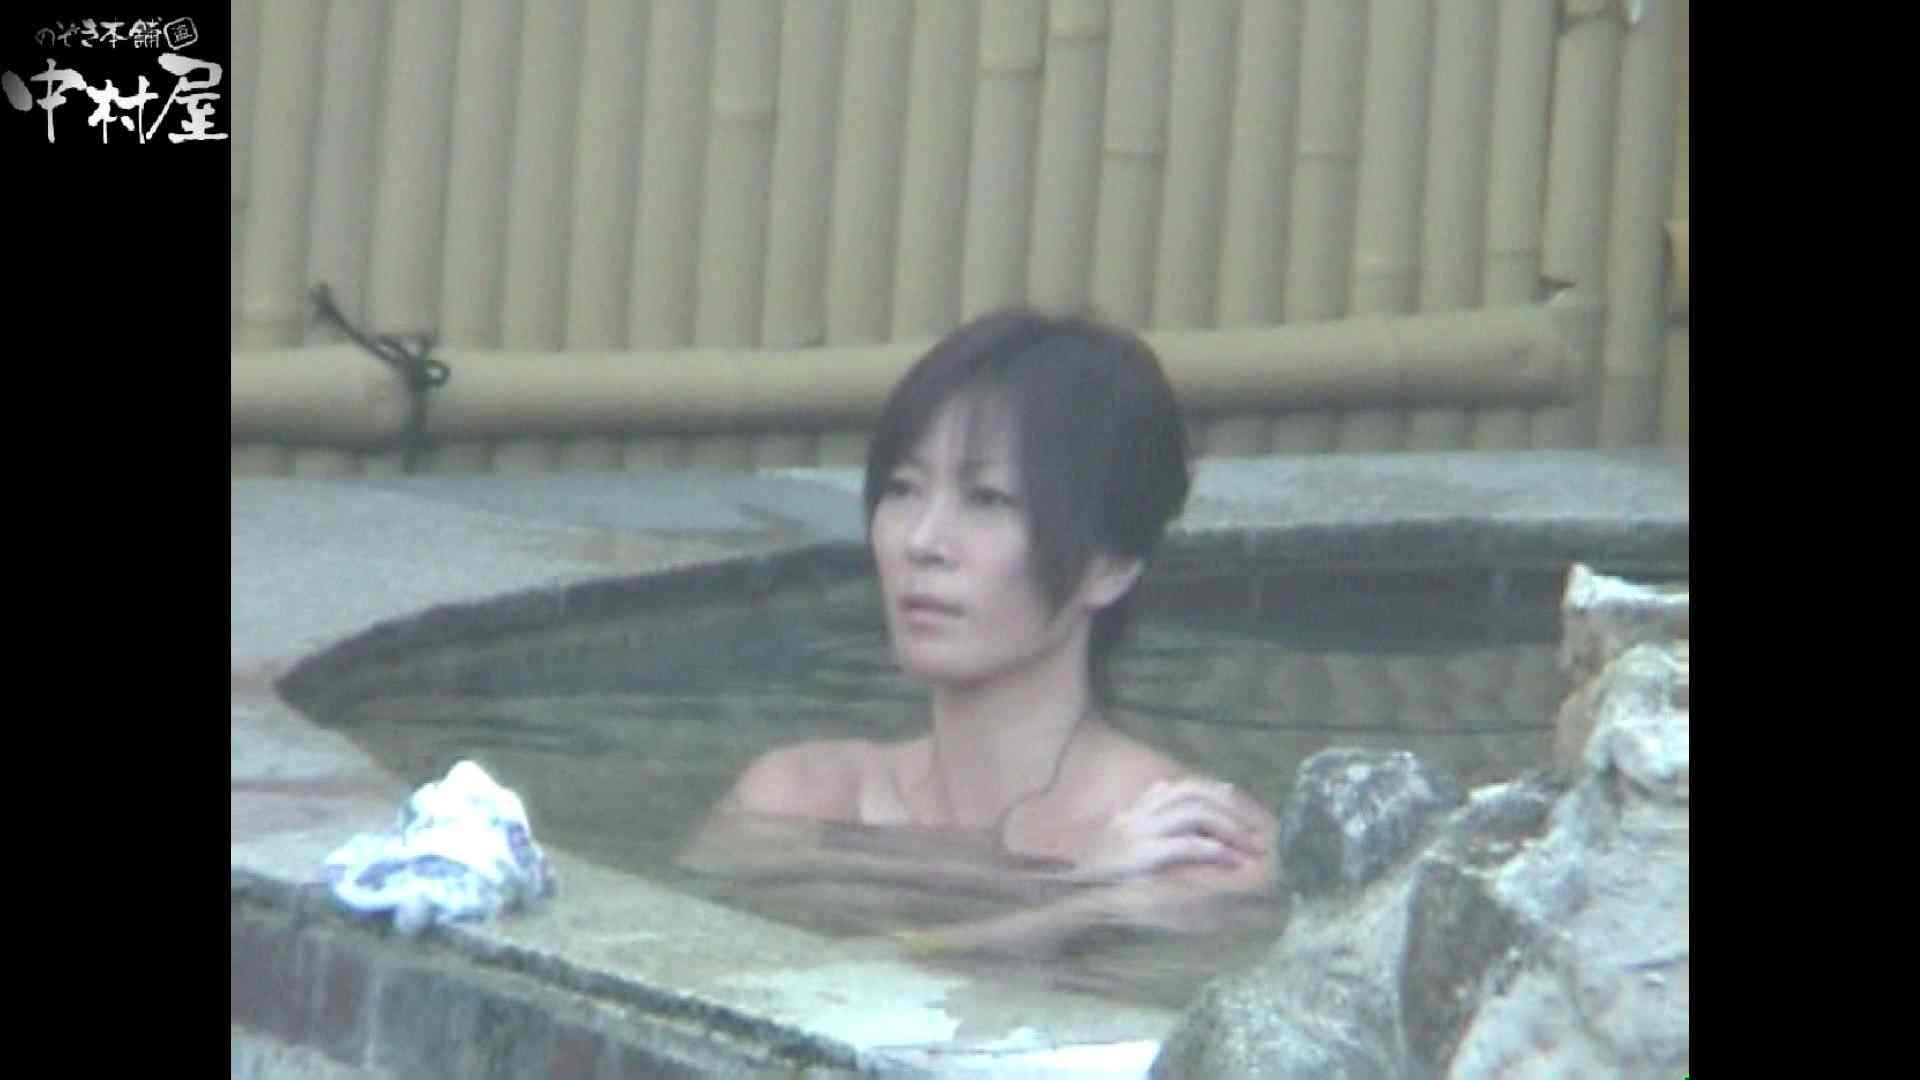 Aquaな露天風呂Vol.972 OLのエロ生活   盗撮  105連発 70